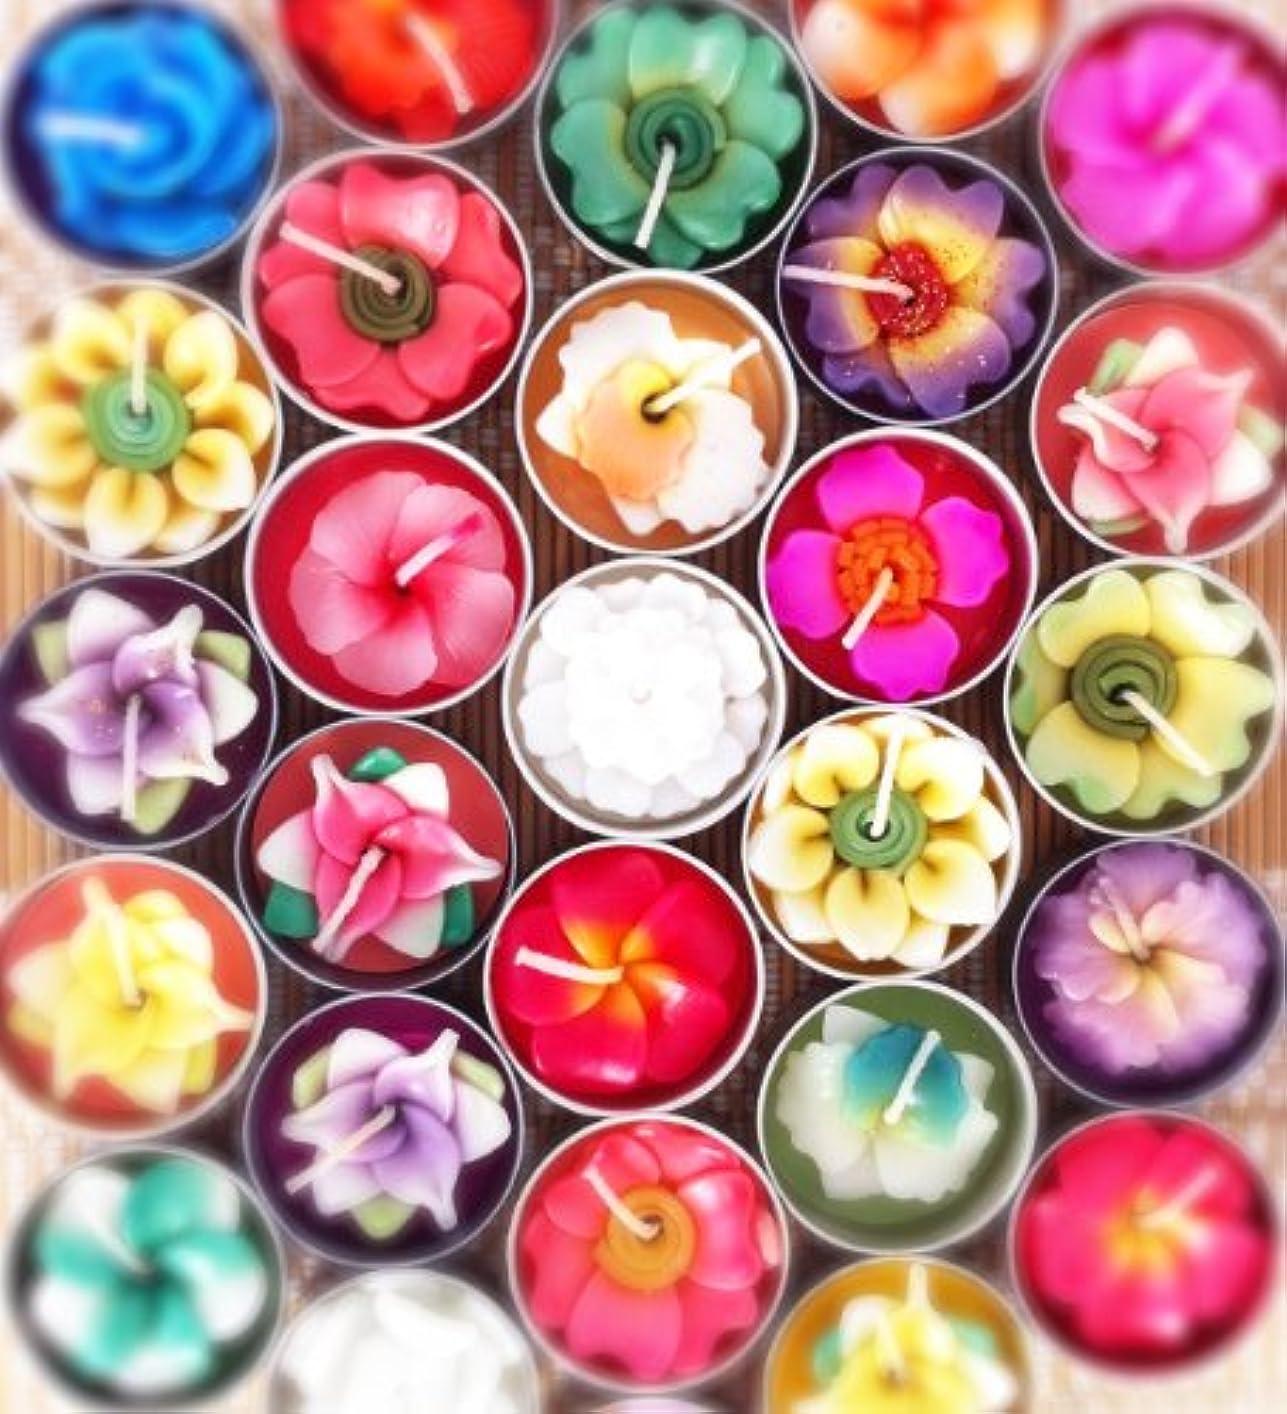 正義顧問アーティファクトTiddin Design【キャンドル】フラワーキャンドル/ティーライトキャンドル/ろうそく/花の香り/Flower Candle (10個入りお徳用パック)